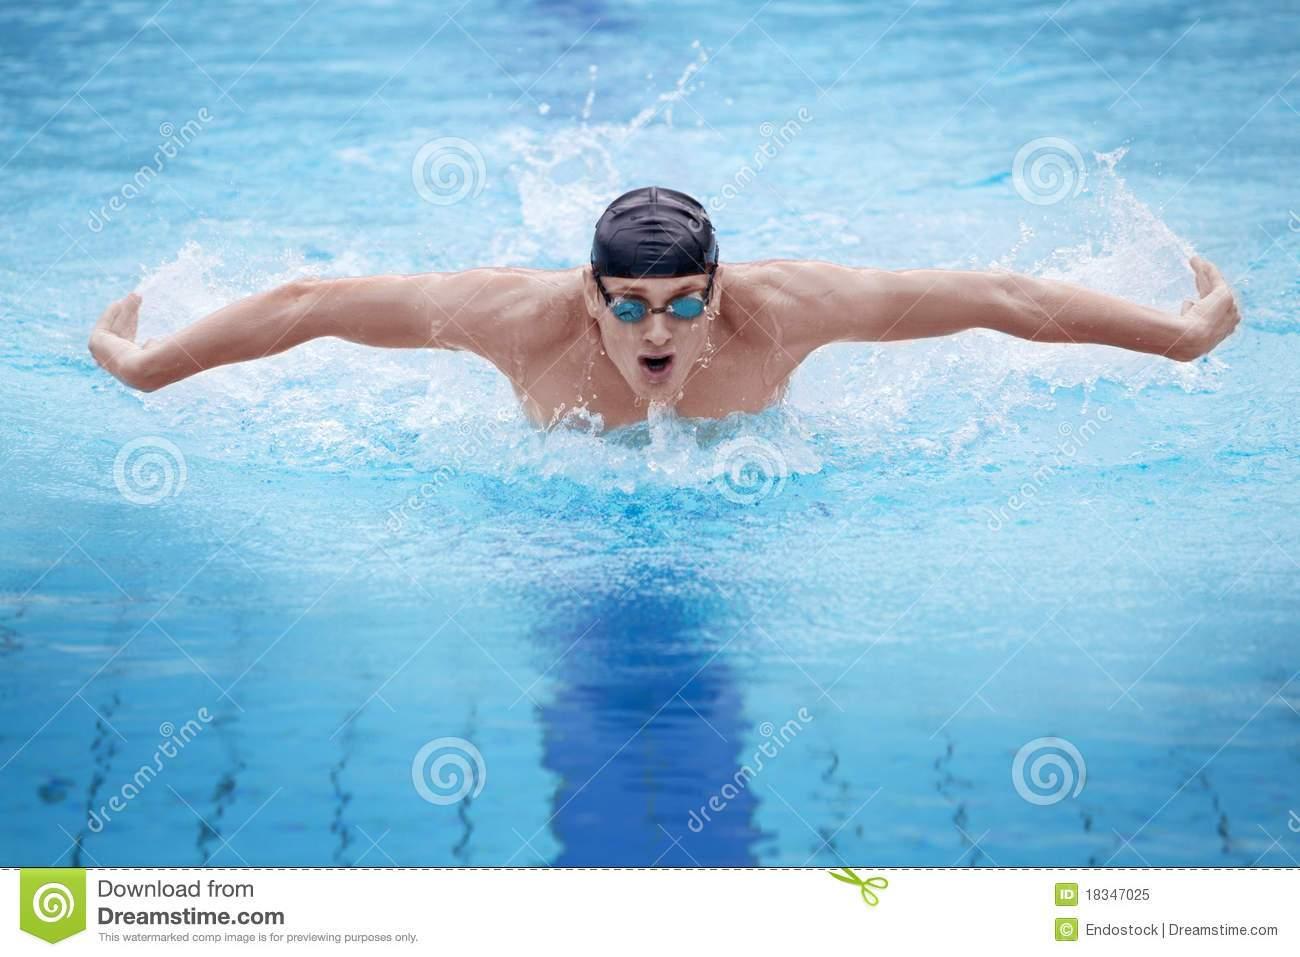 美团网:长沙今日游泳团购:【俊康体育】单人游泳体验